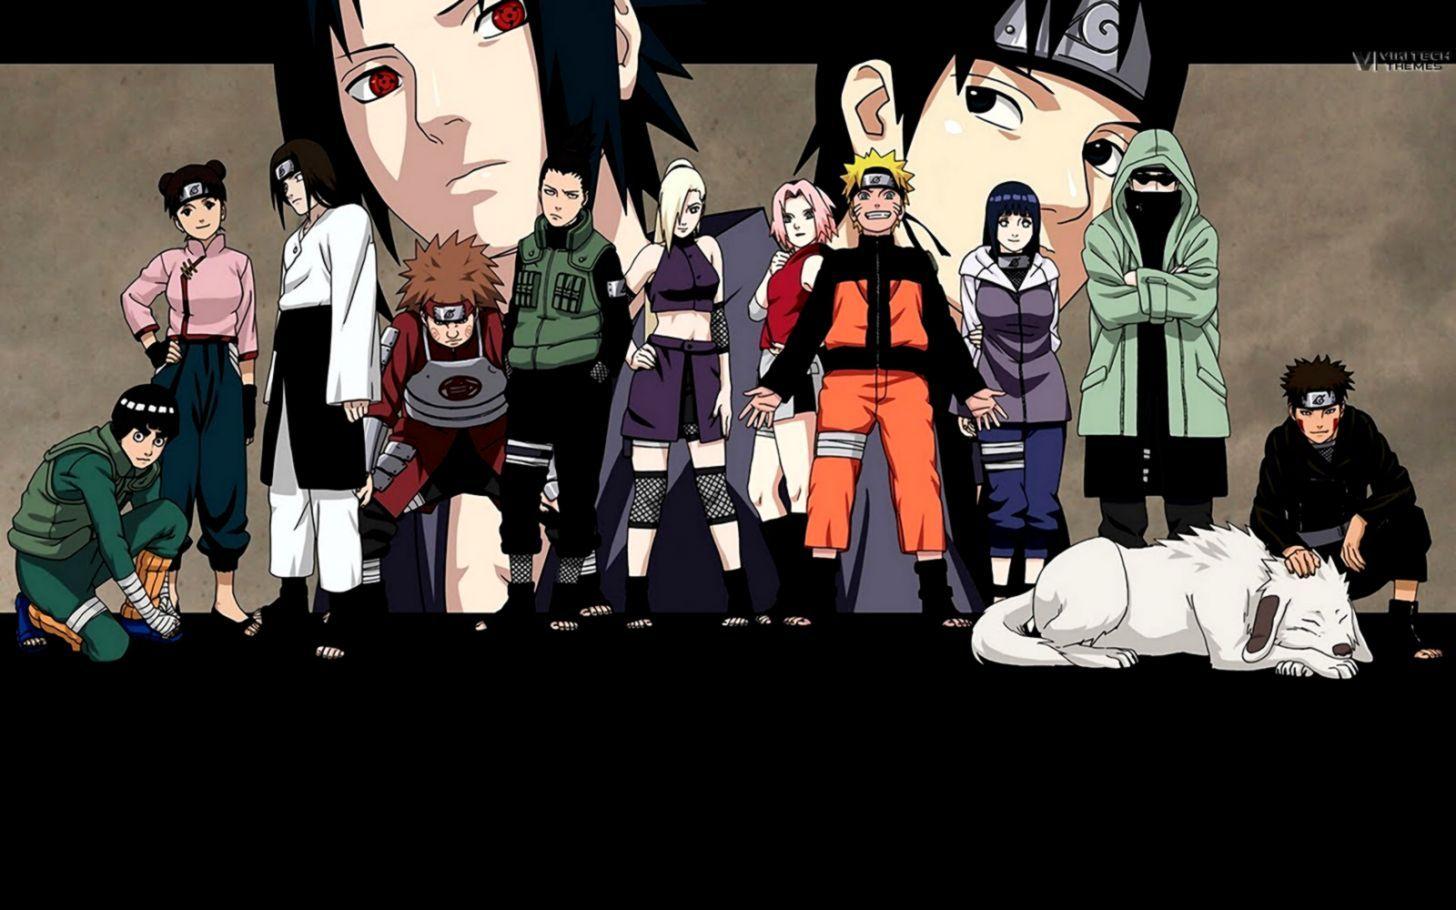 Naruto Shippuden Wallpapers Hd Wallpaper Naruto Naruto Shippuden Jepang